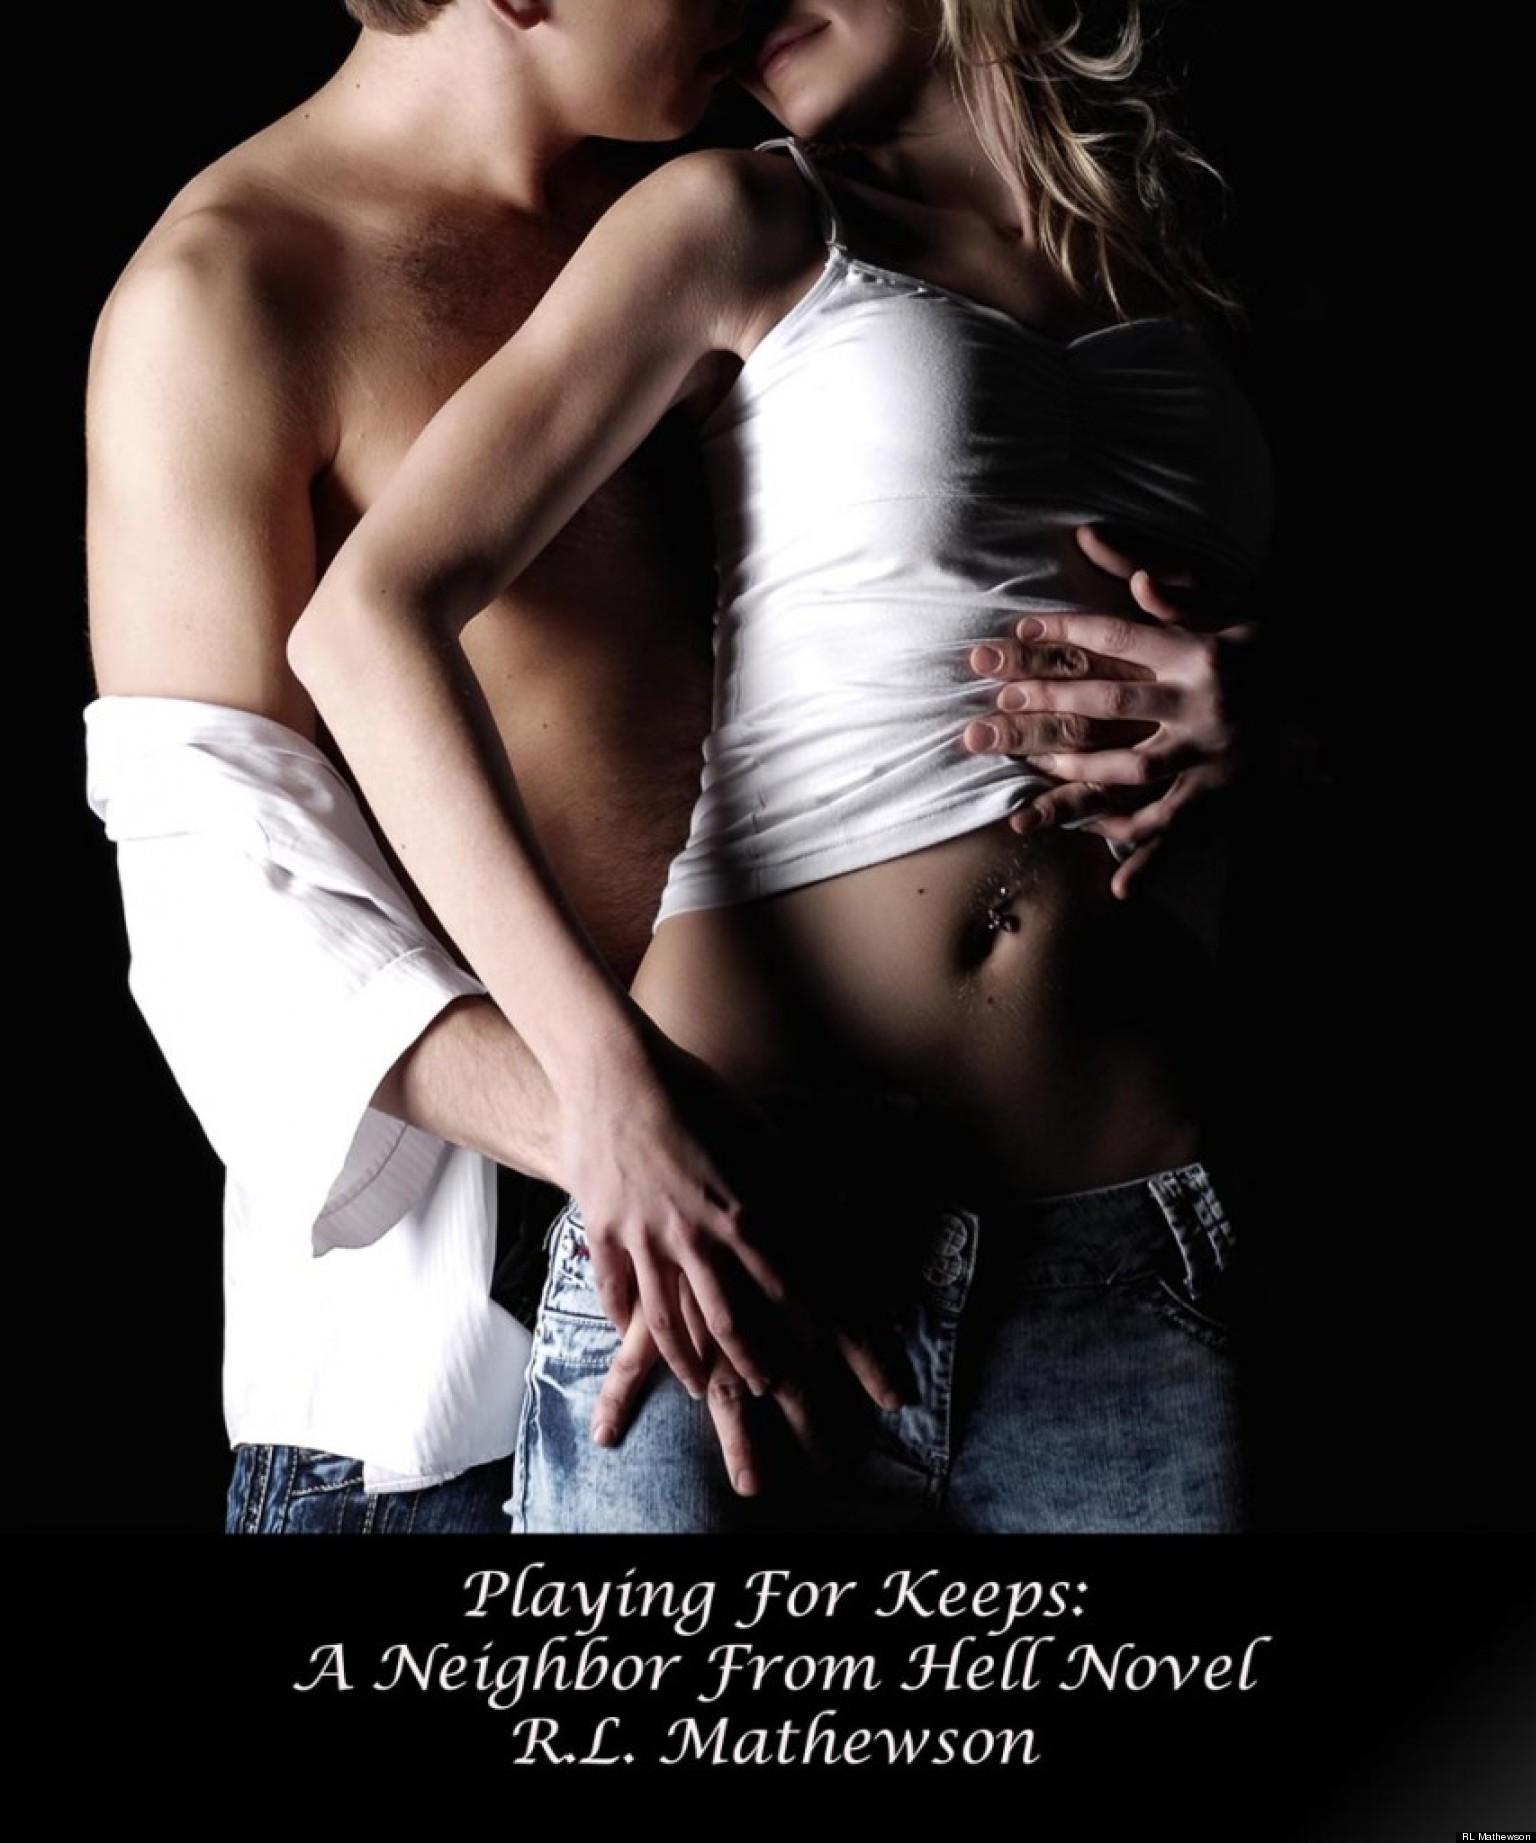 seksualnie-igri-dlya-vlyublennih-par